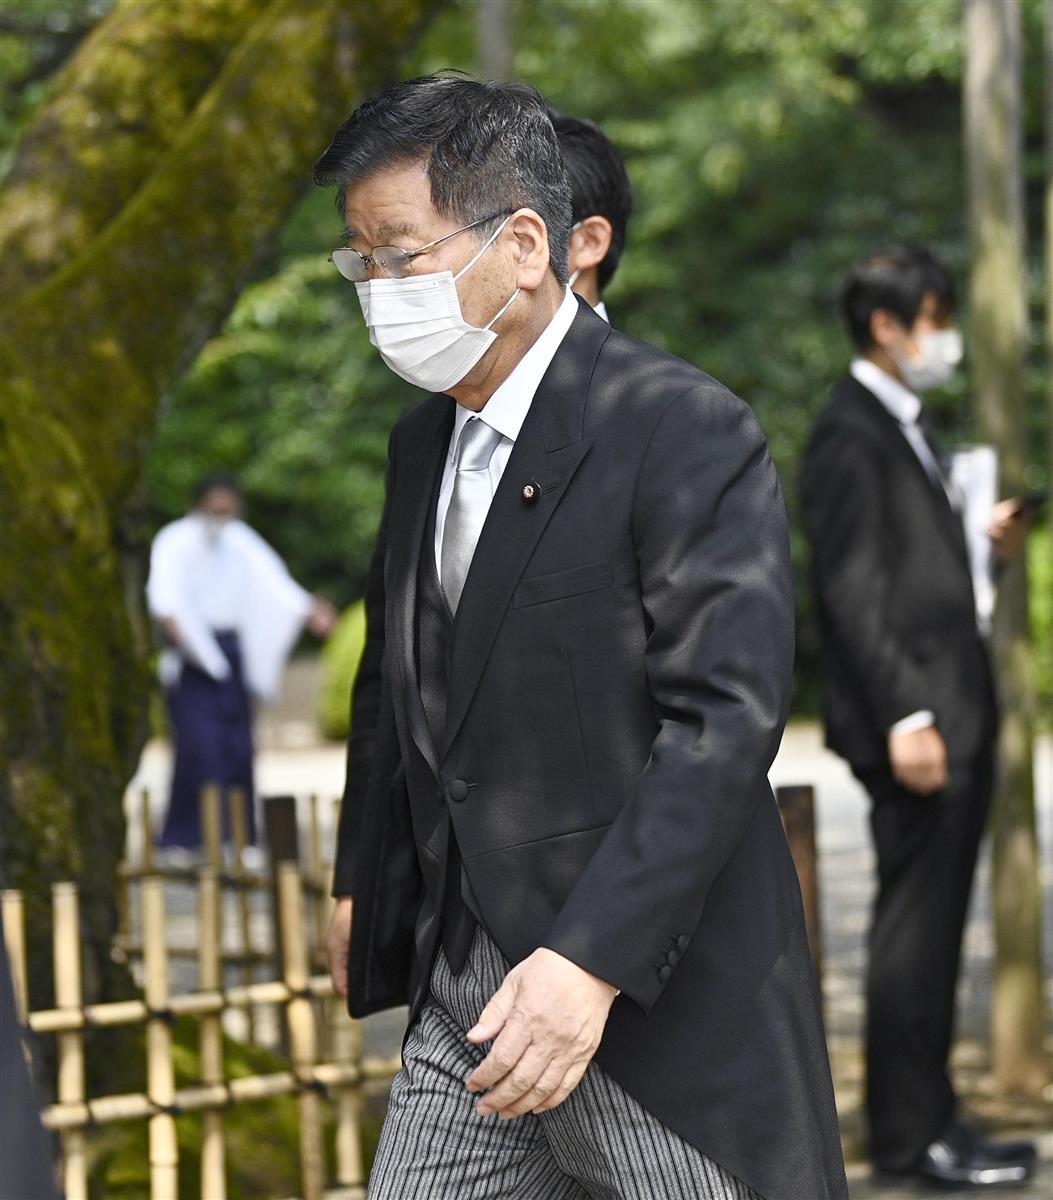 靖国神社へ参拝に訪れた衛藤沖縄北方相=15日午前、東京・九段北